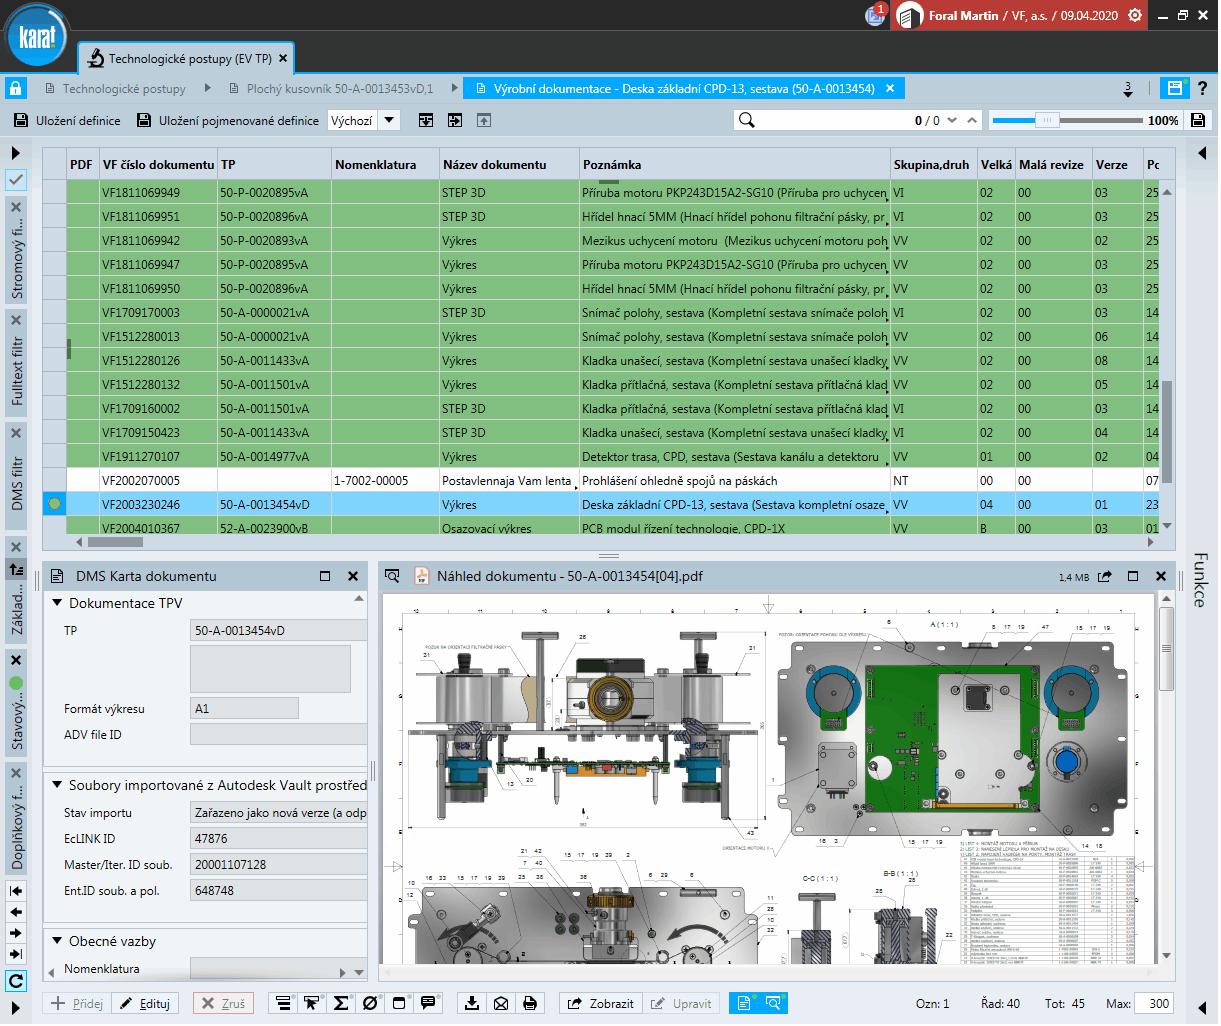 IS KARAT modul DMS – Náhled dokumentace